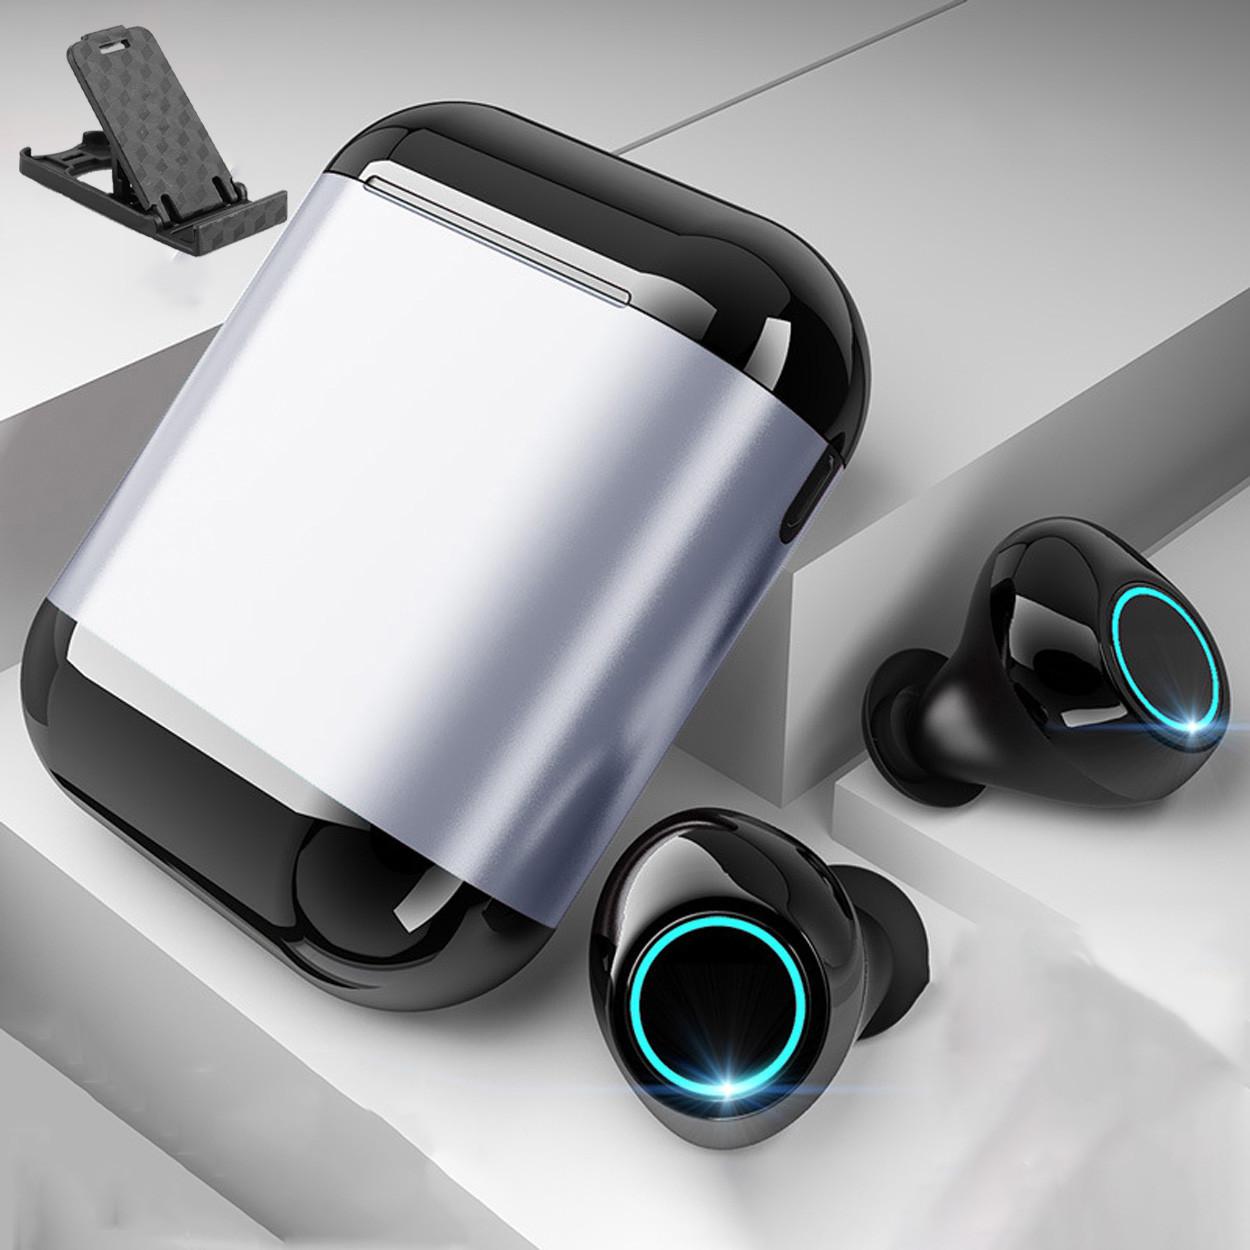 Беспроводные наушники Wi-pods S7 Bluetooth 5.0 водонепроницаемые с зарядным чехлом-кейсом. Металлик Оригинал